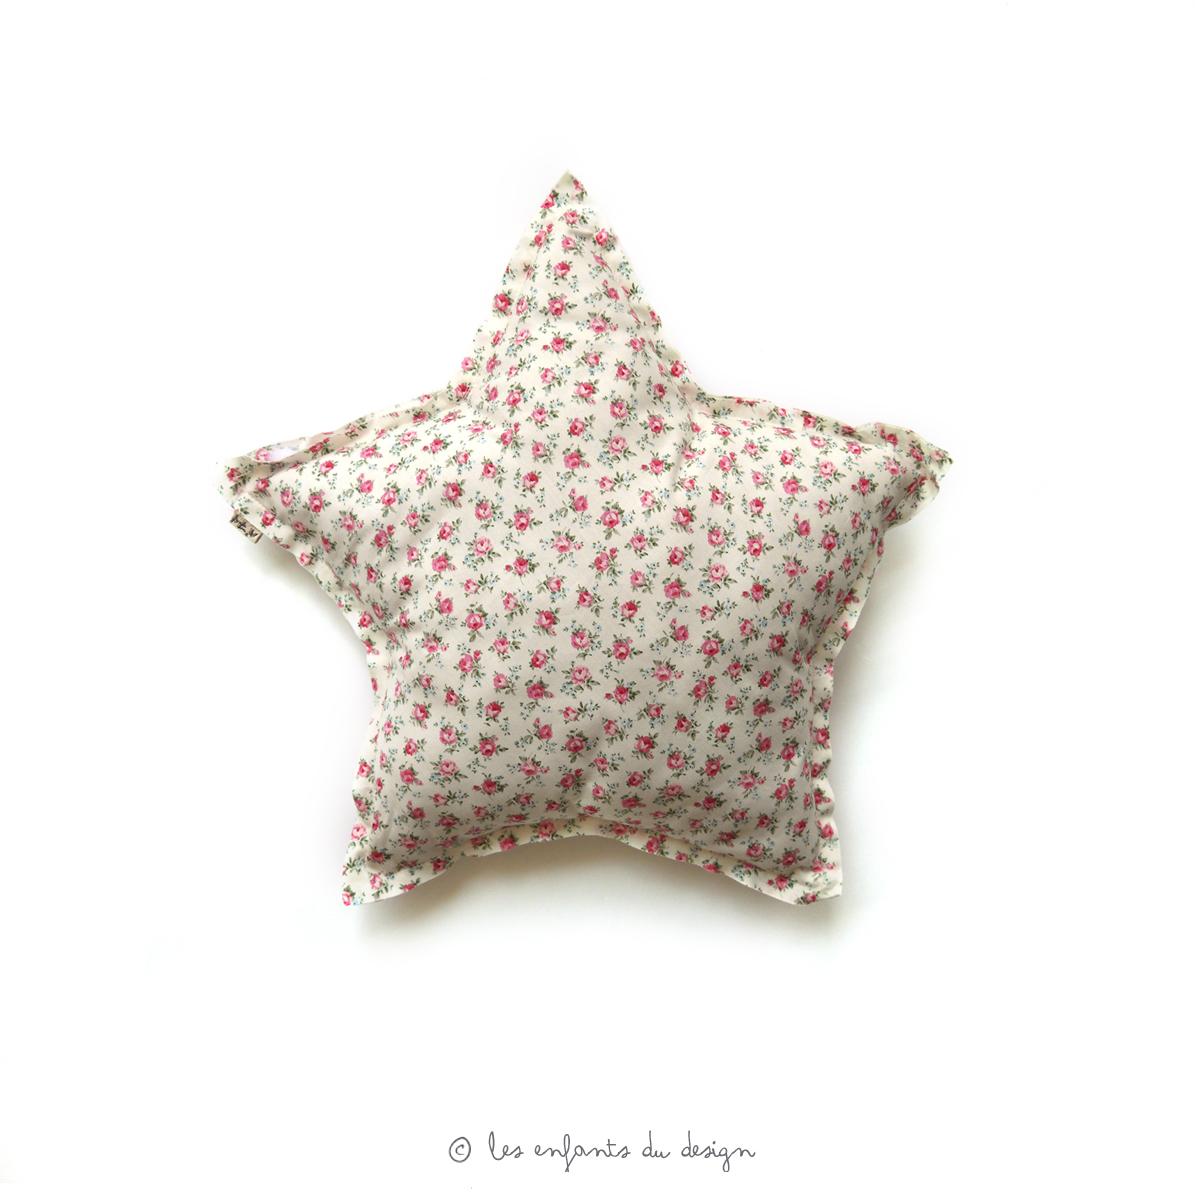 mini coussin etoile liberty fleurs rose num ro 74 pour chambre enfant les enfants du design. Black Bedroom Furniture Sets. Home Design Ideas